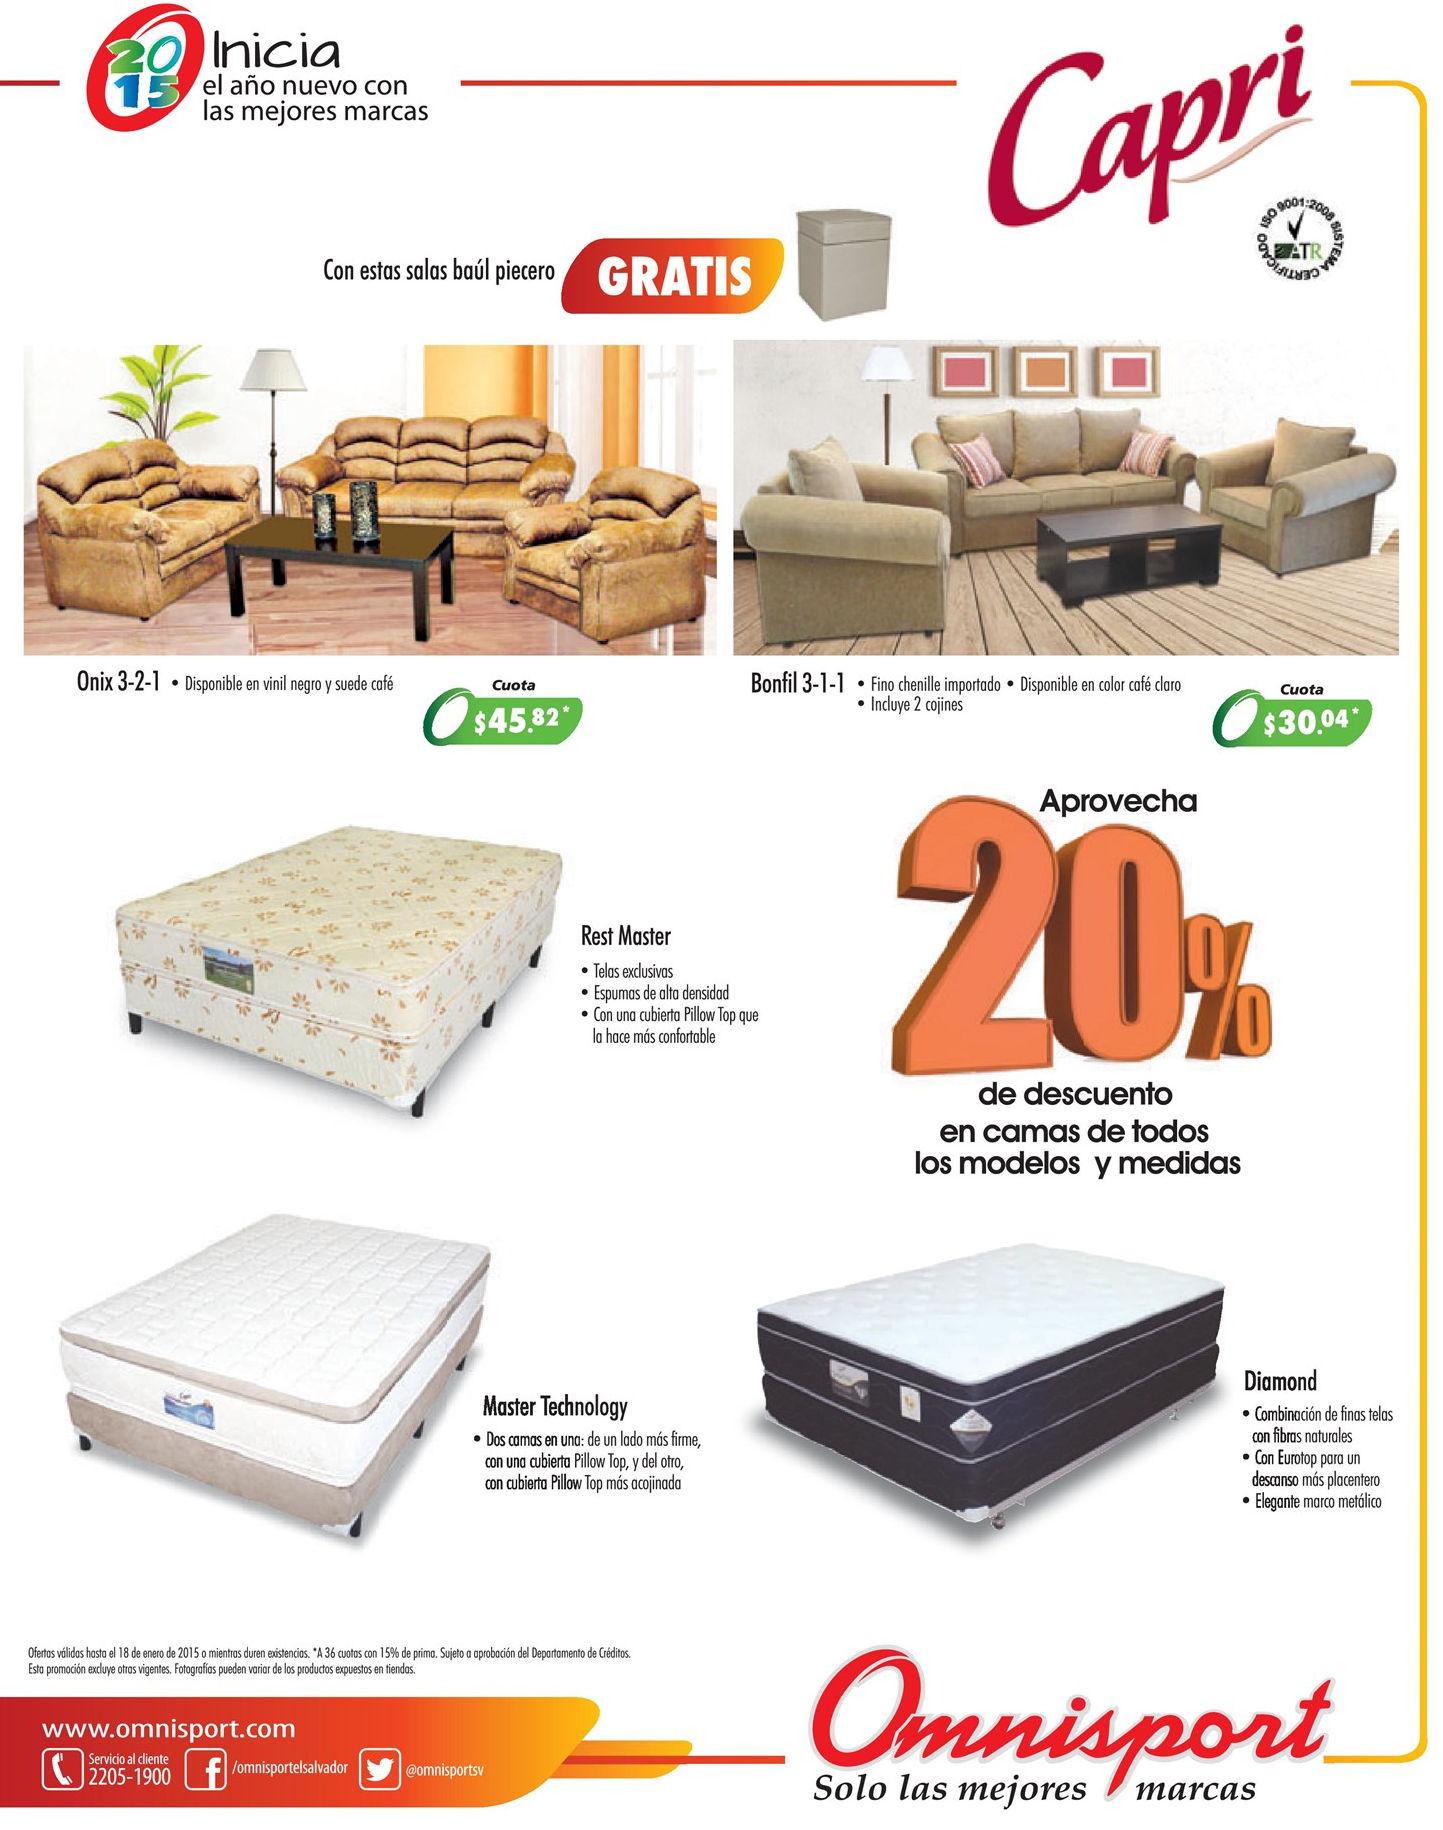 muebles y camas con descuento OMNISPORT - 15ene15 - Ofertas Ahora